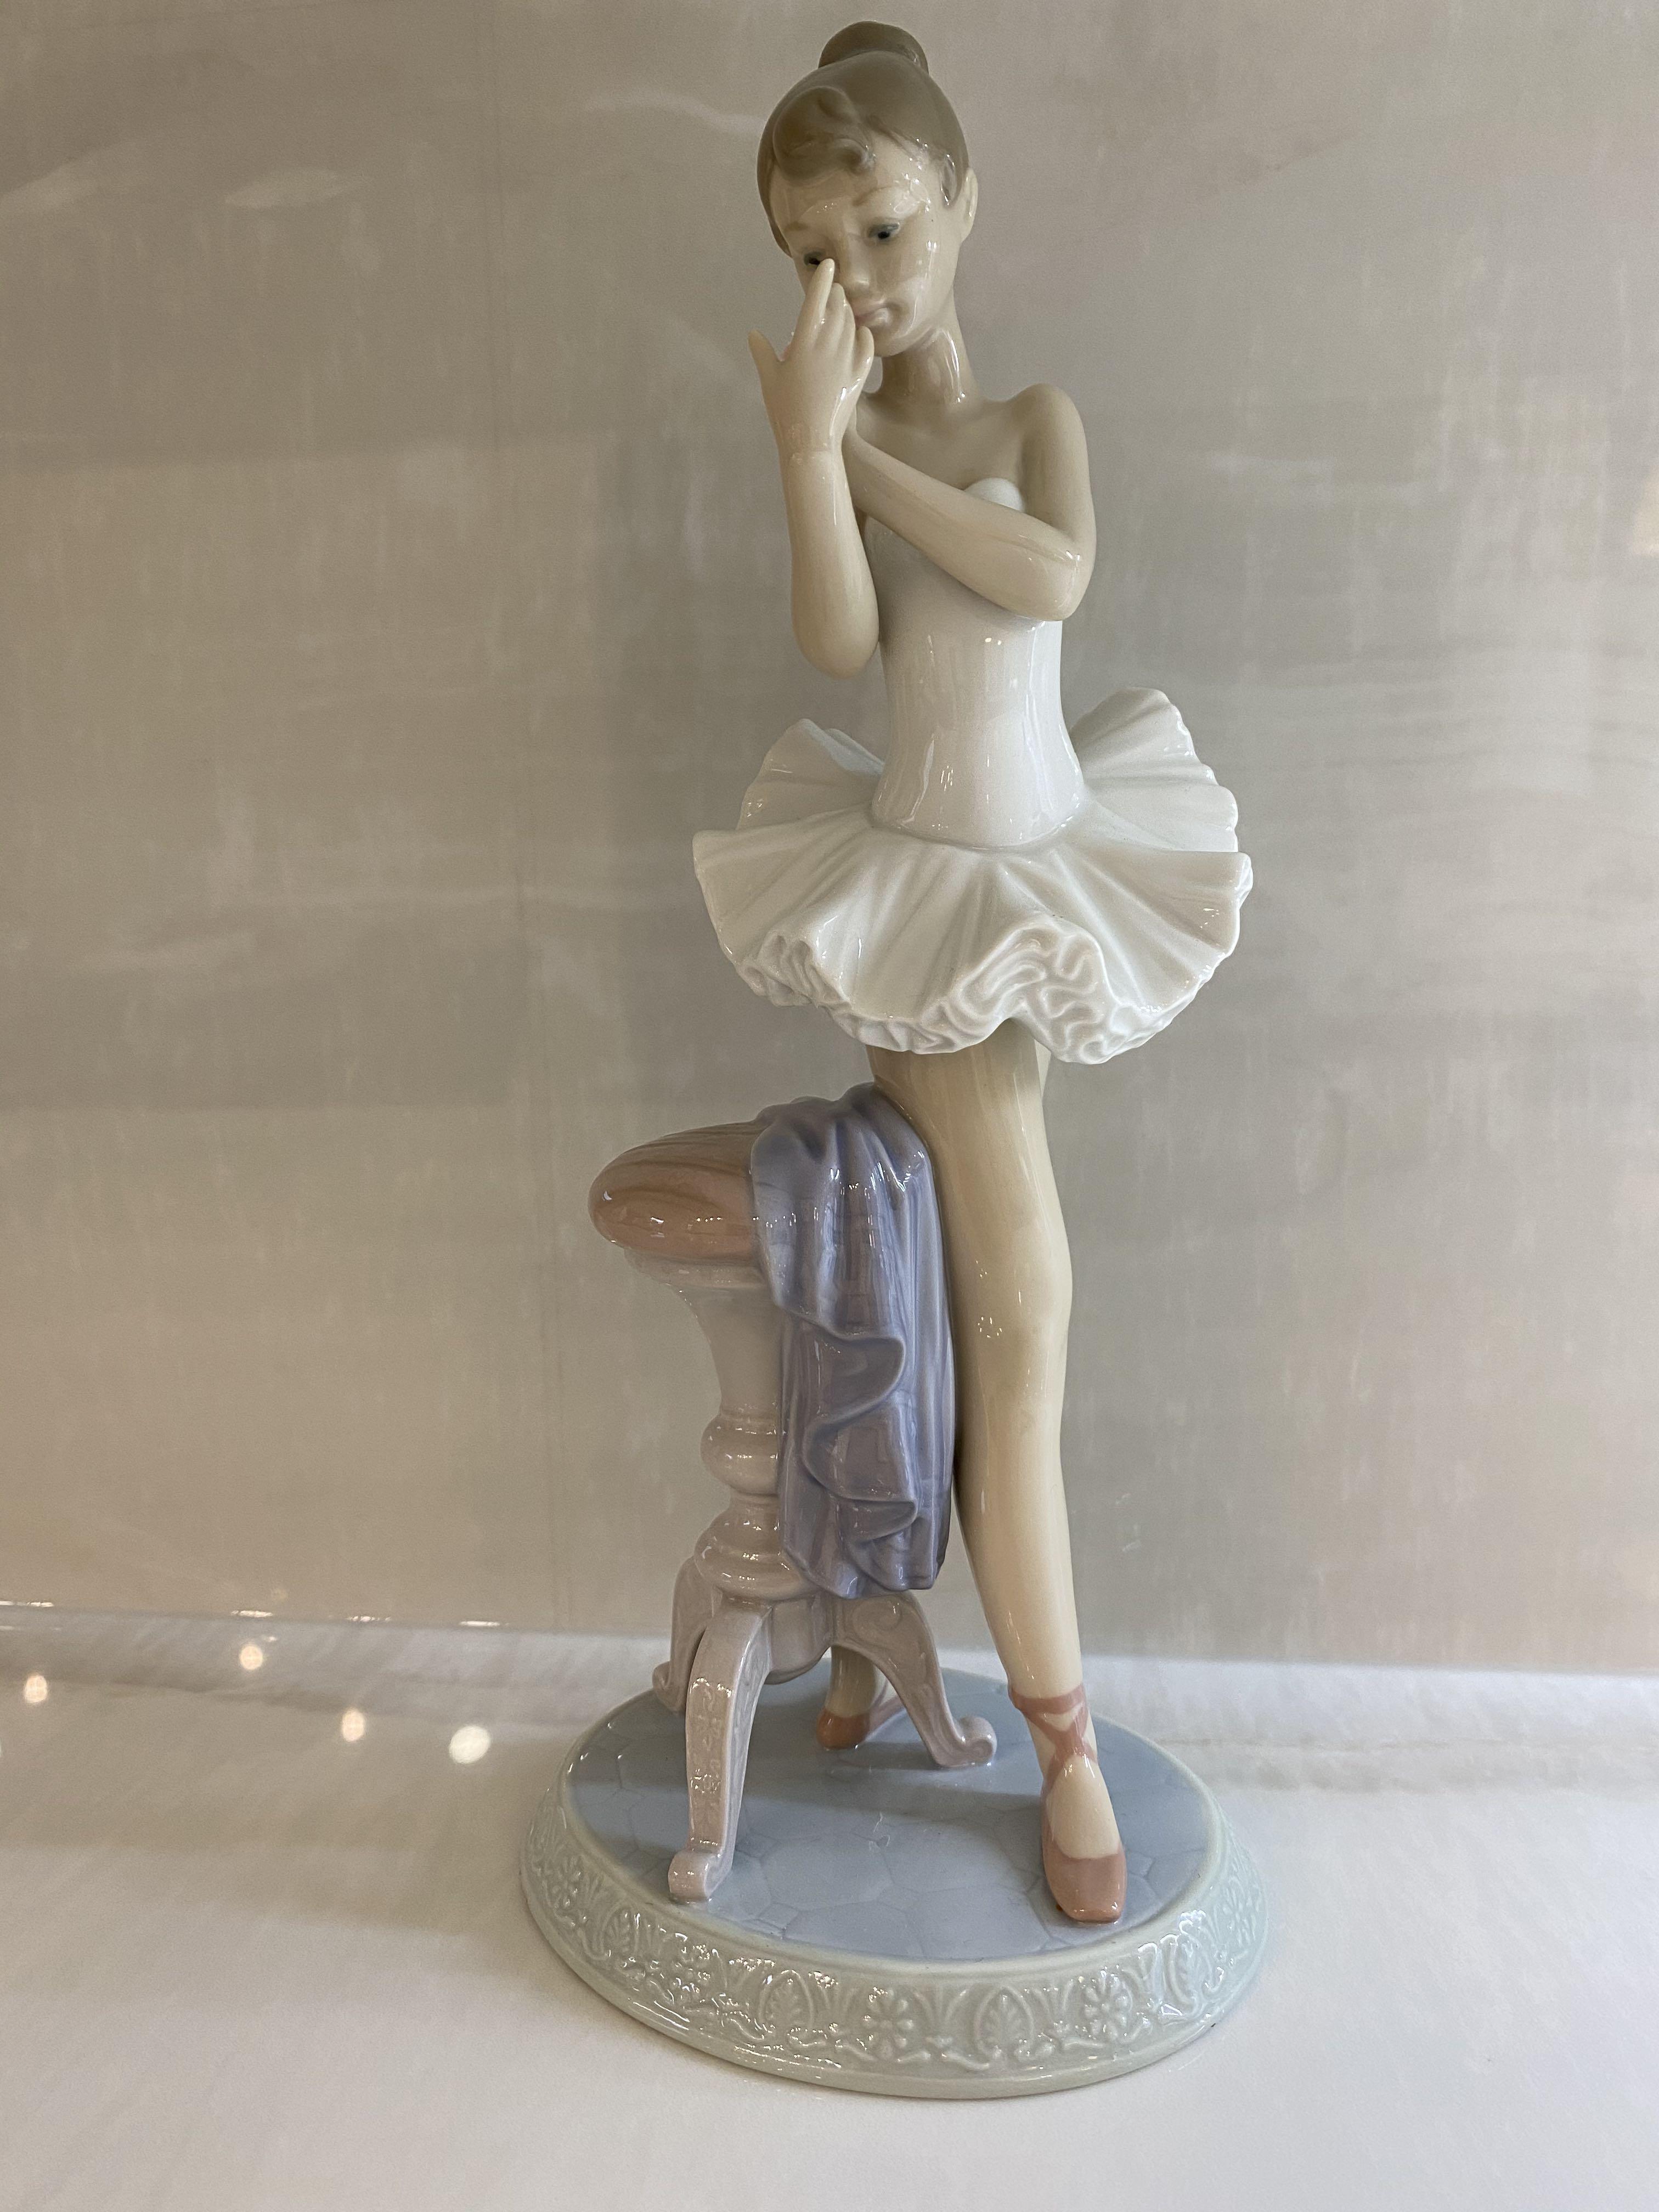 Authentic lladro ballerina statue